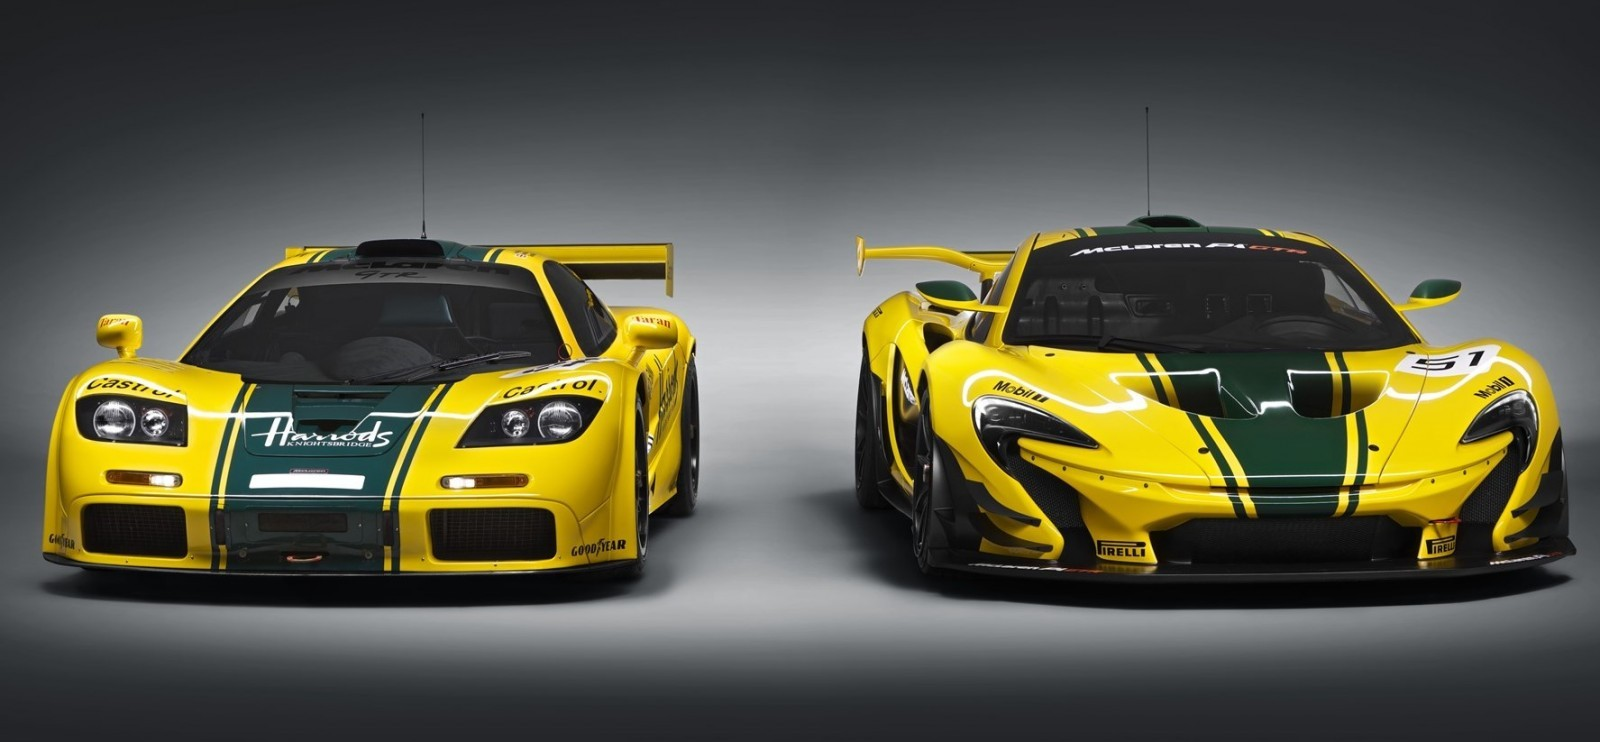 2016 McLaren P1 GTR Yellow 12